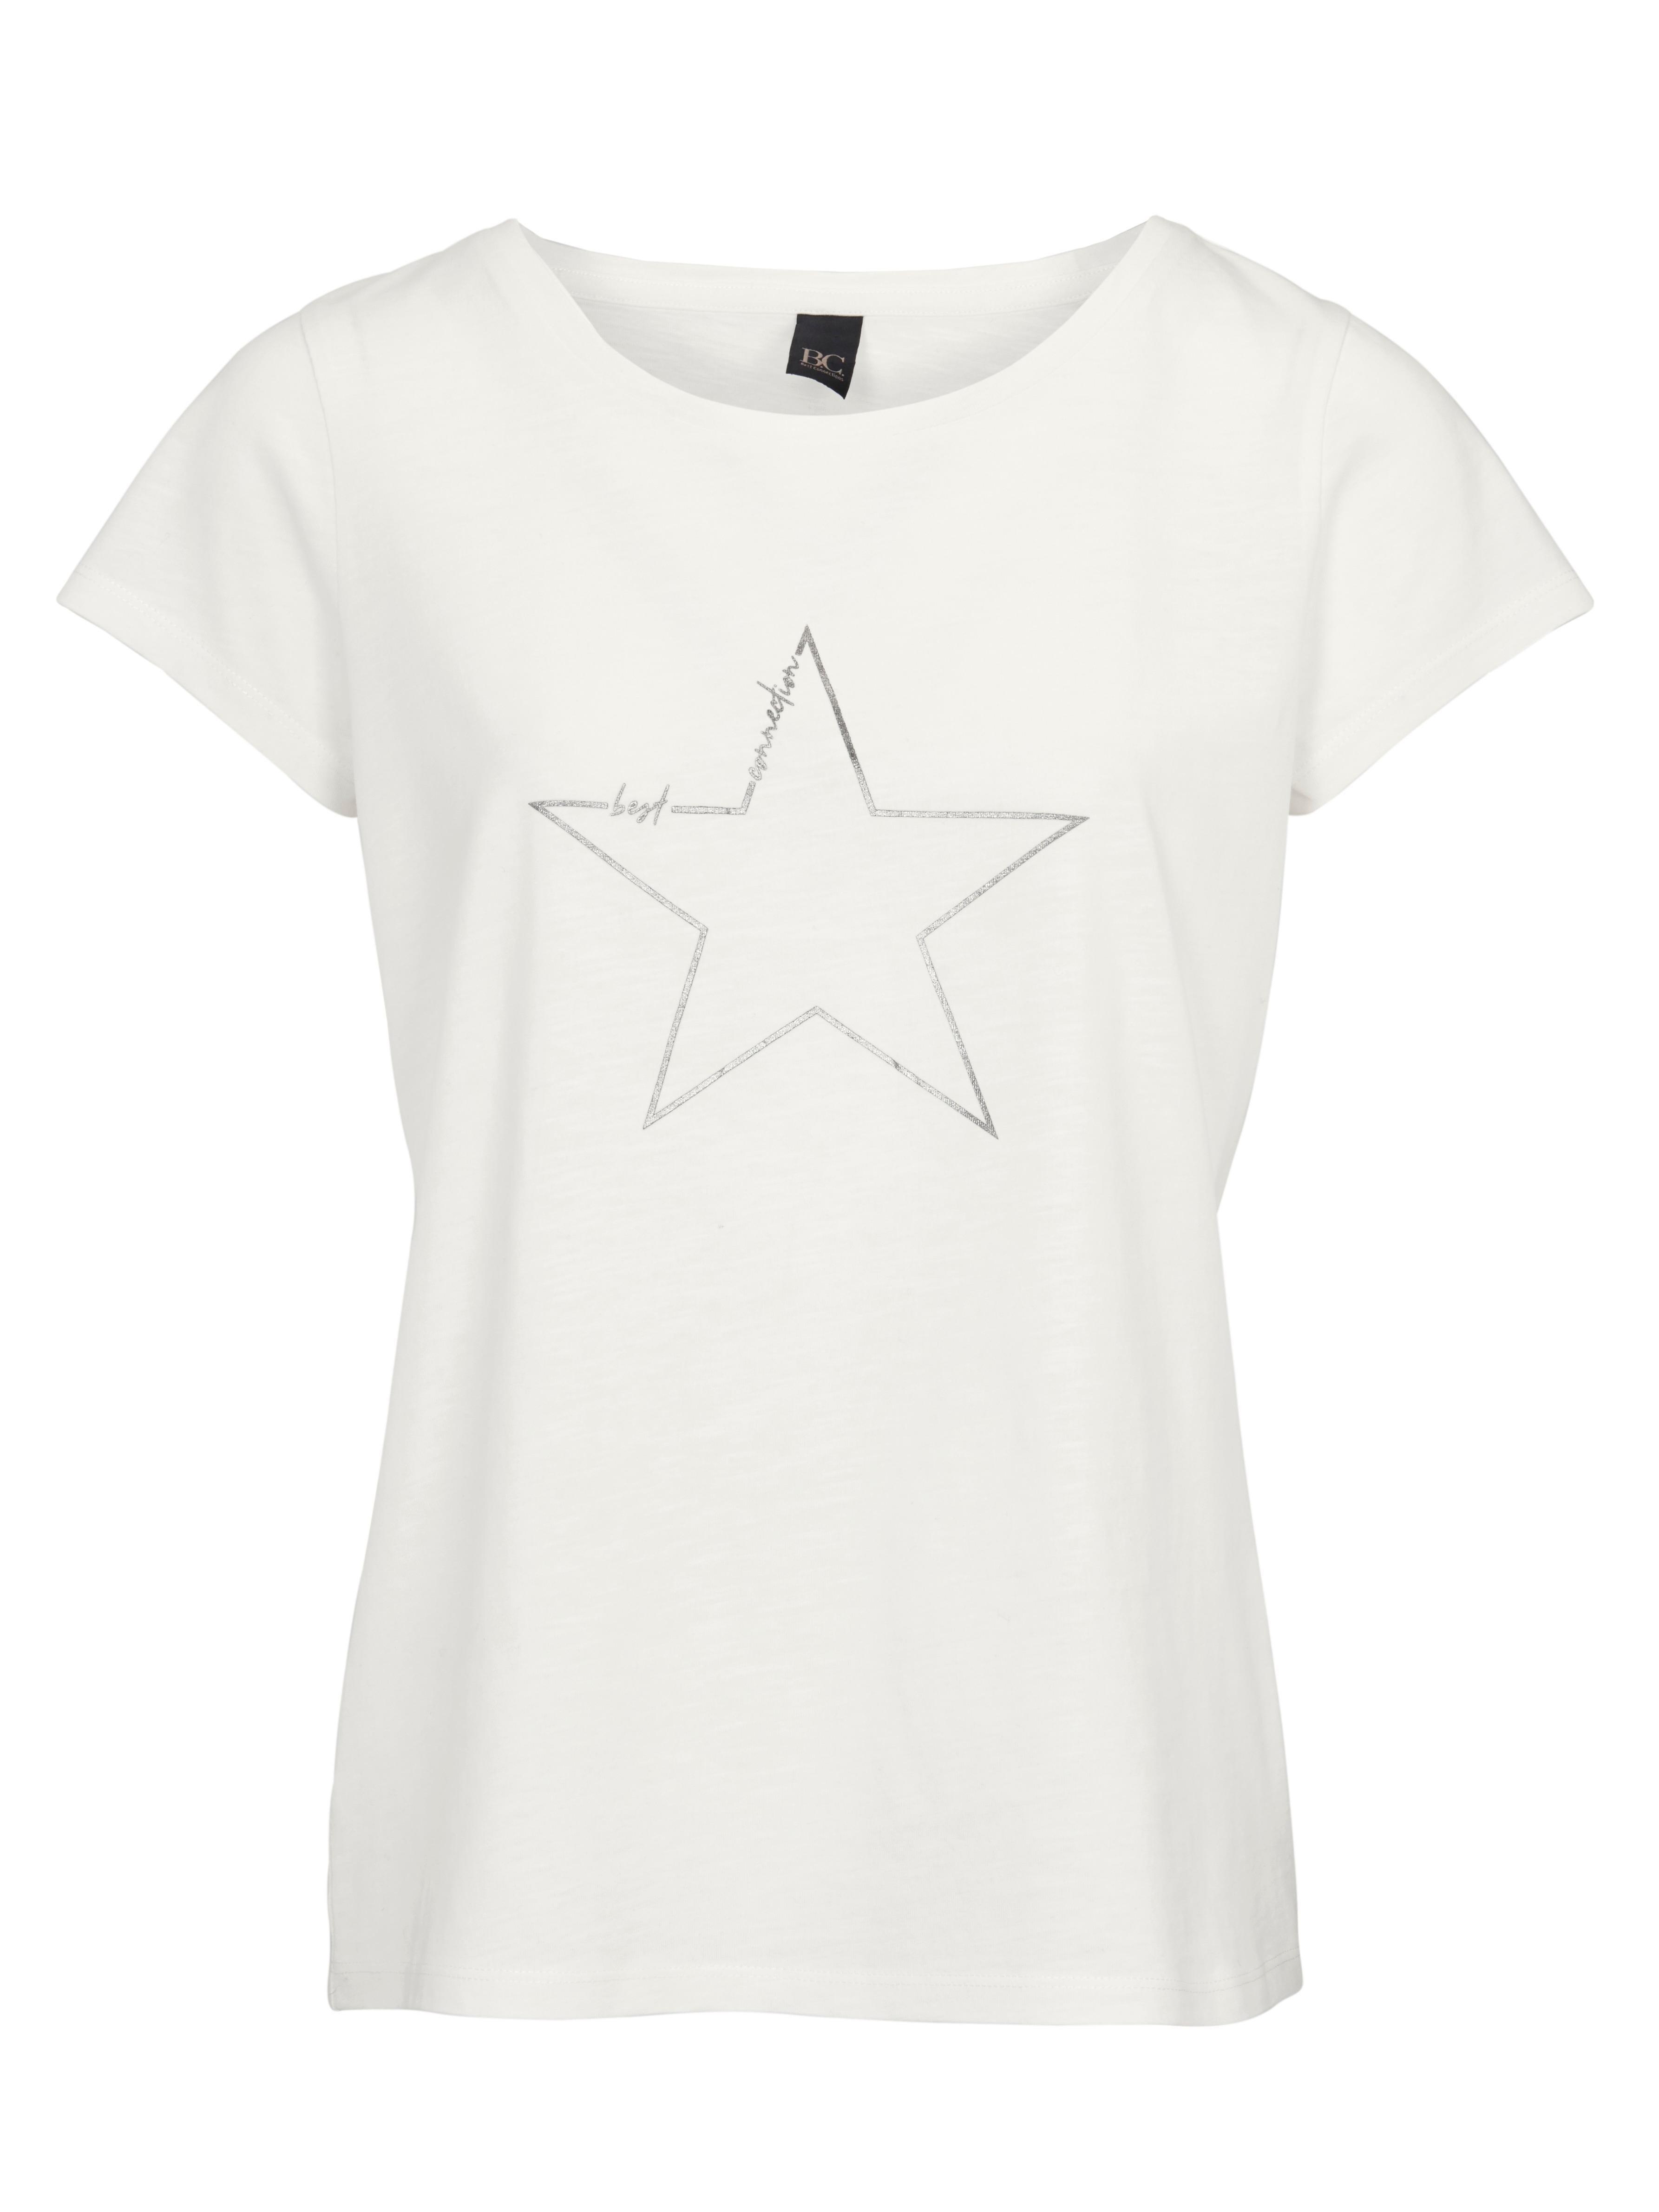 Snel Snel Gevonden shirt shirt T T Gevonden T cTluK1J3F